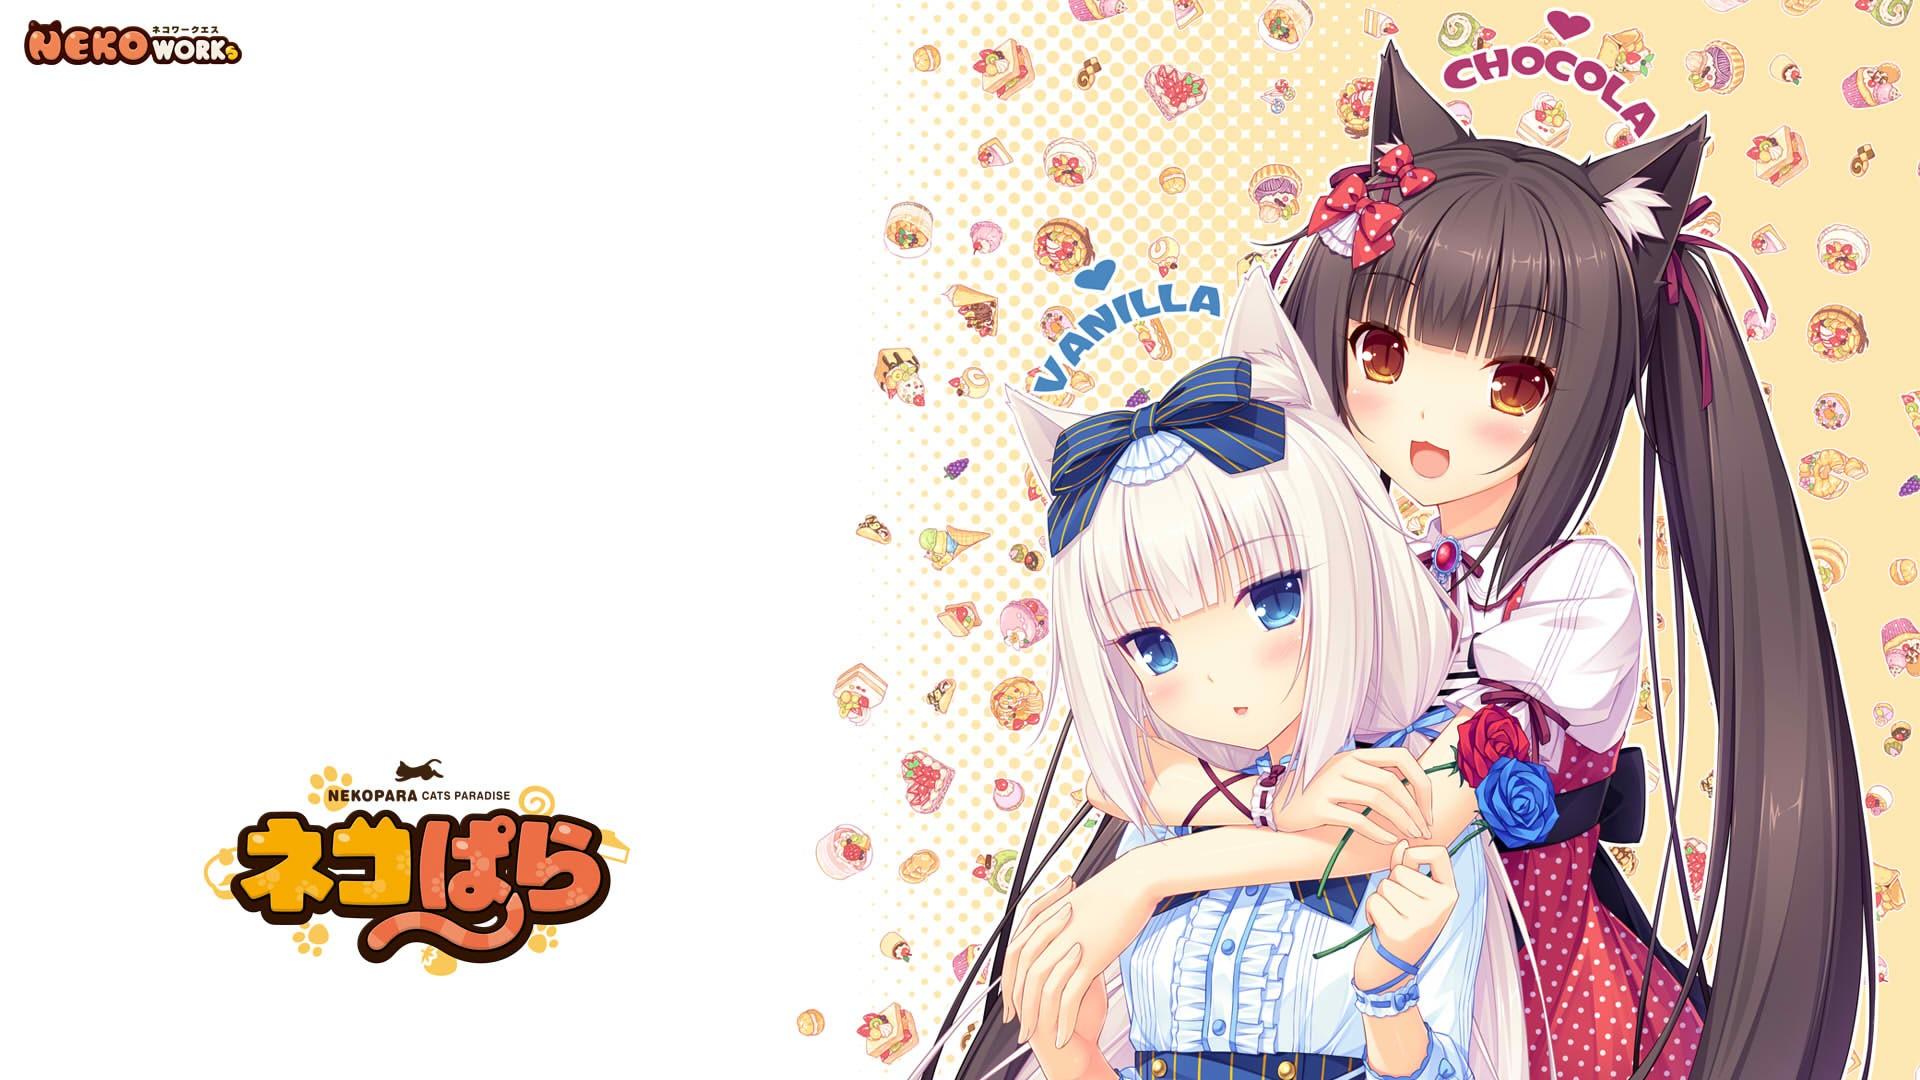 Anime 1920x1080 Neko Para Chocolat Neko Para Vanilla Neko Para 1920x1080